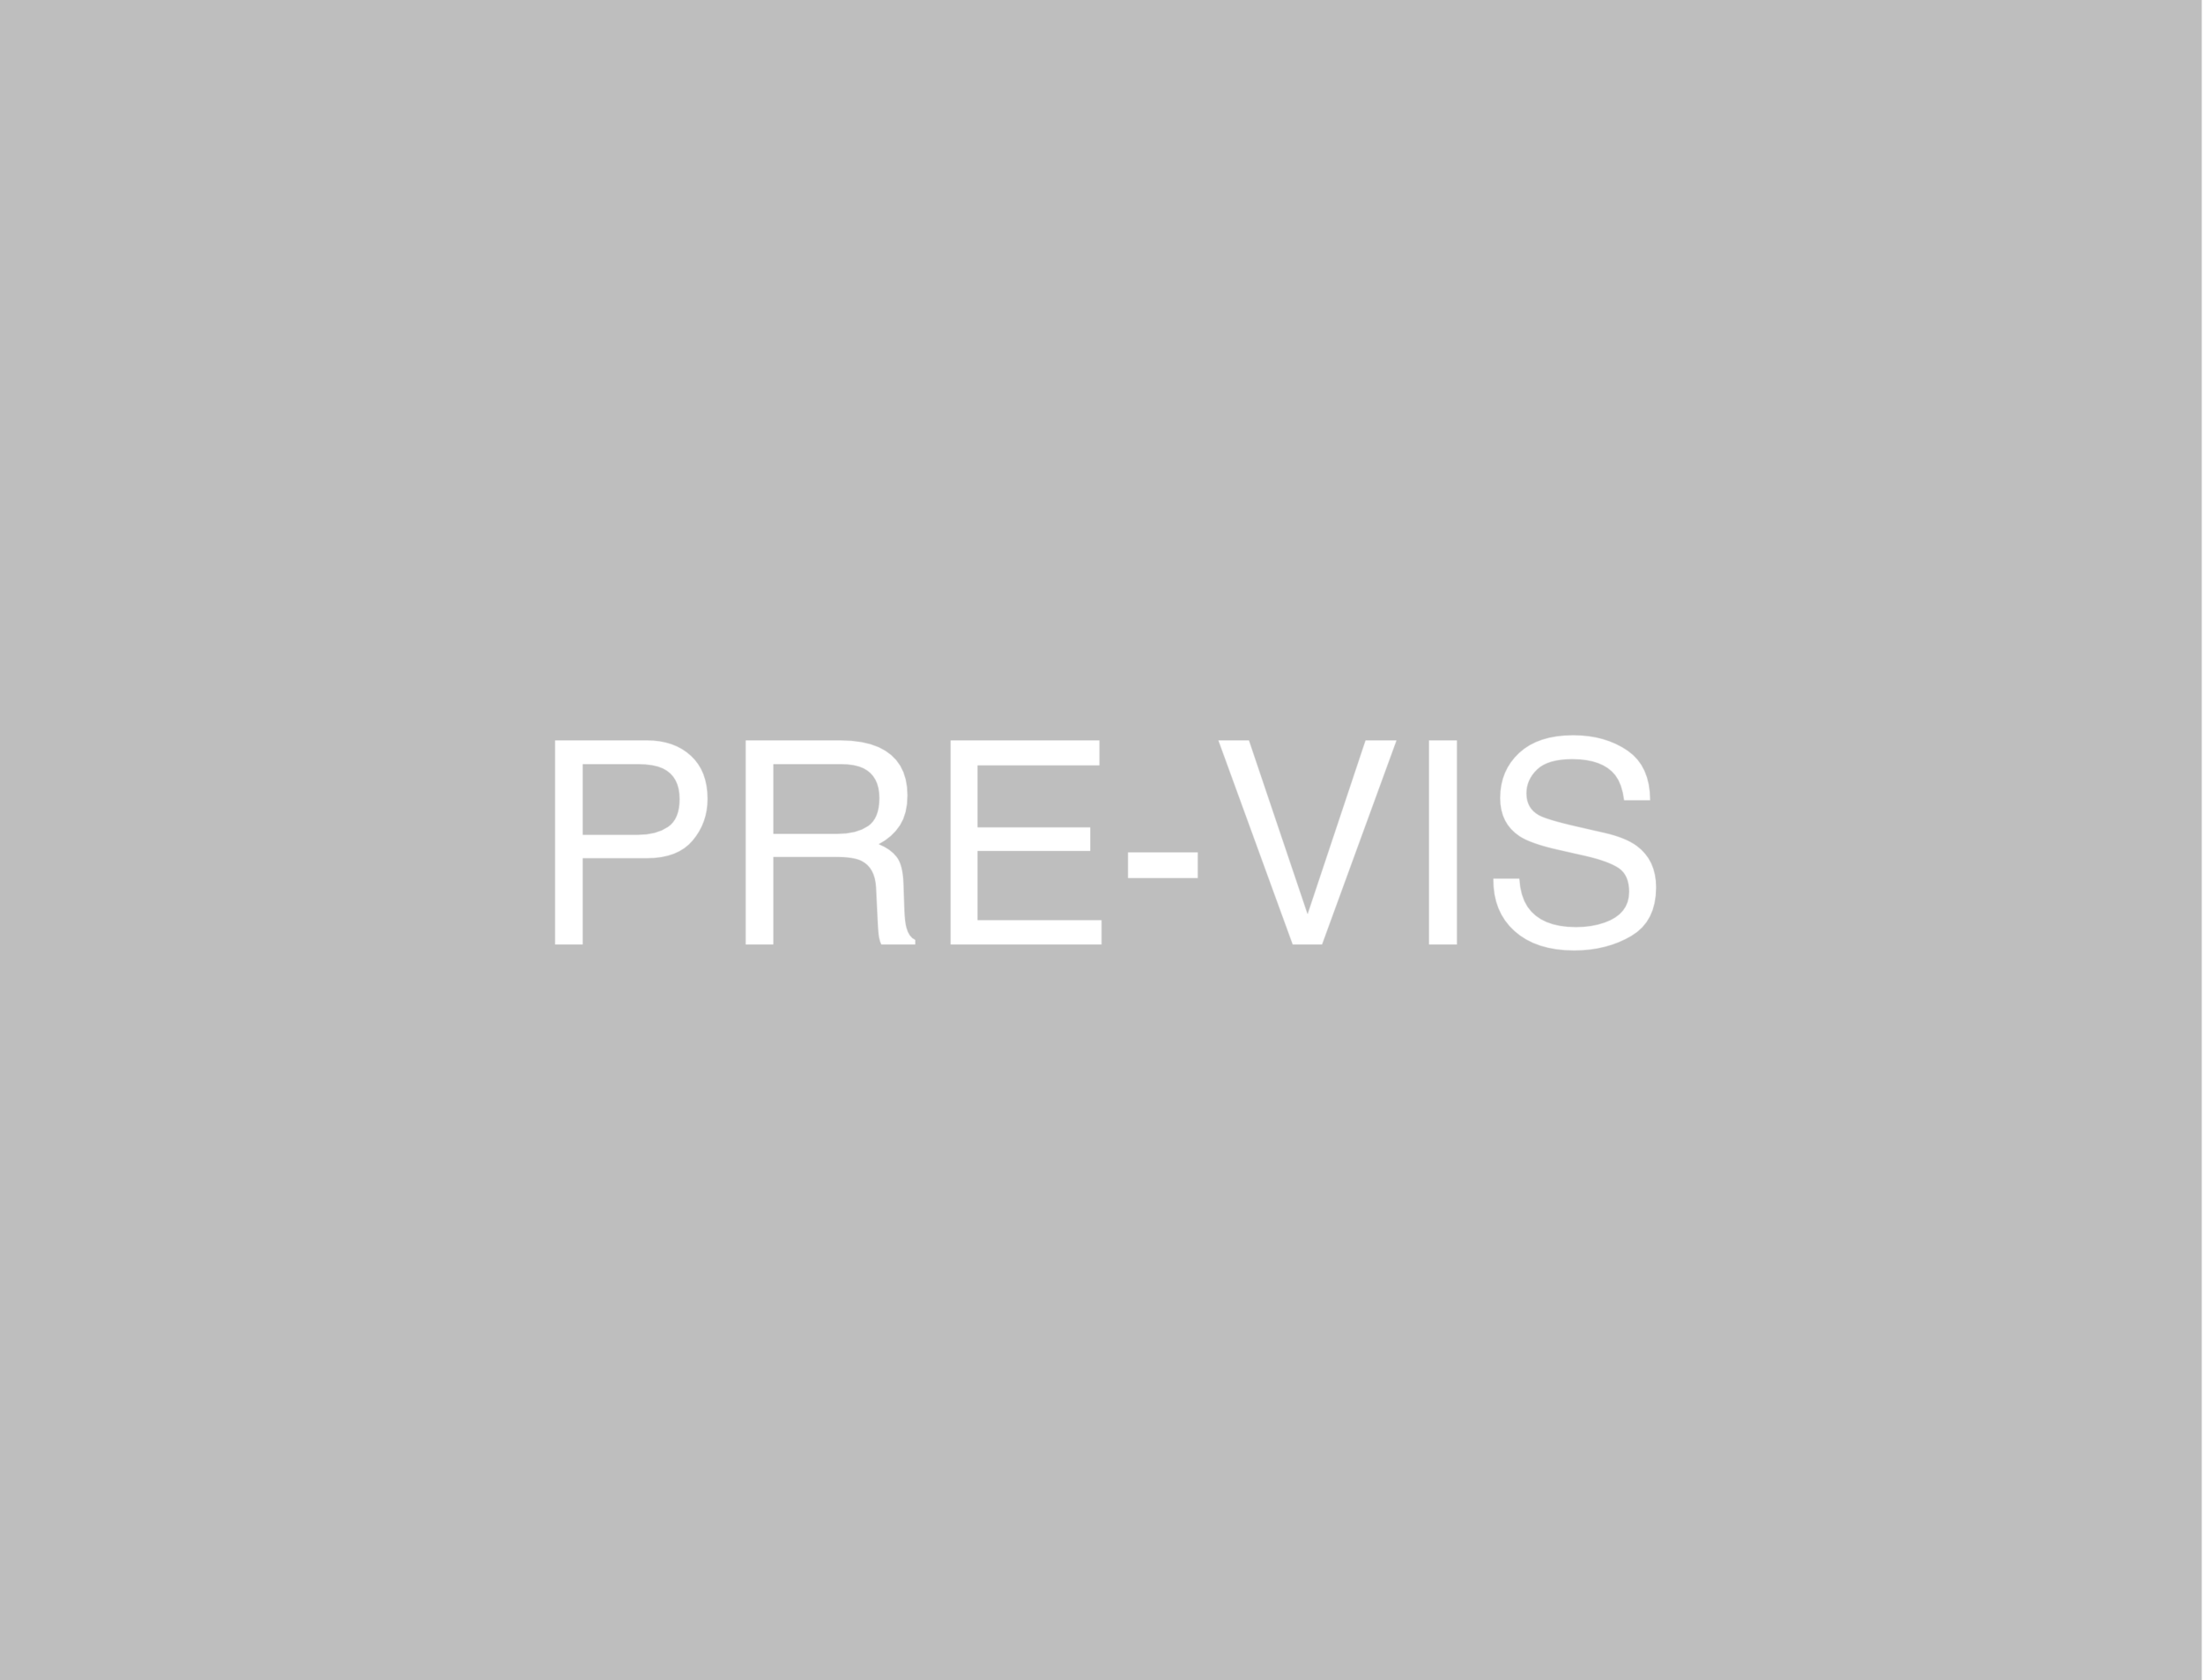 PRE-VIS.png